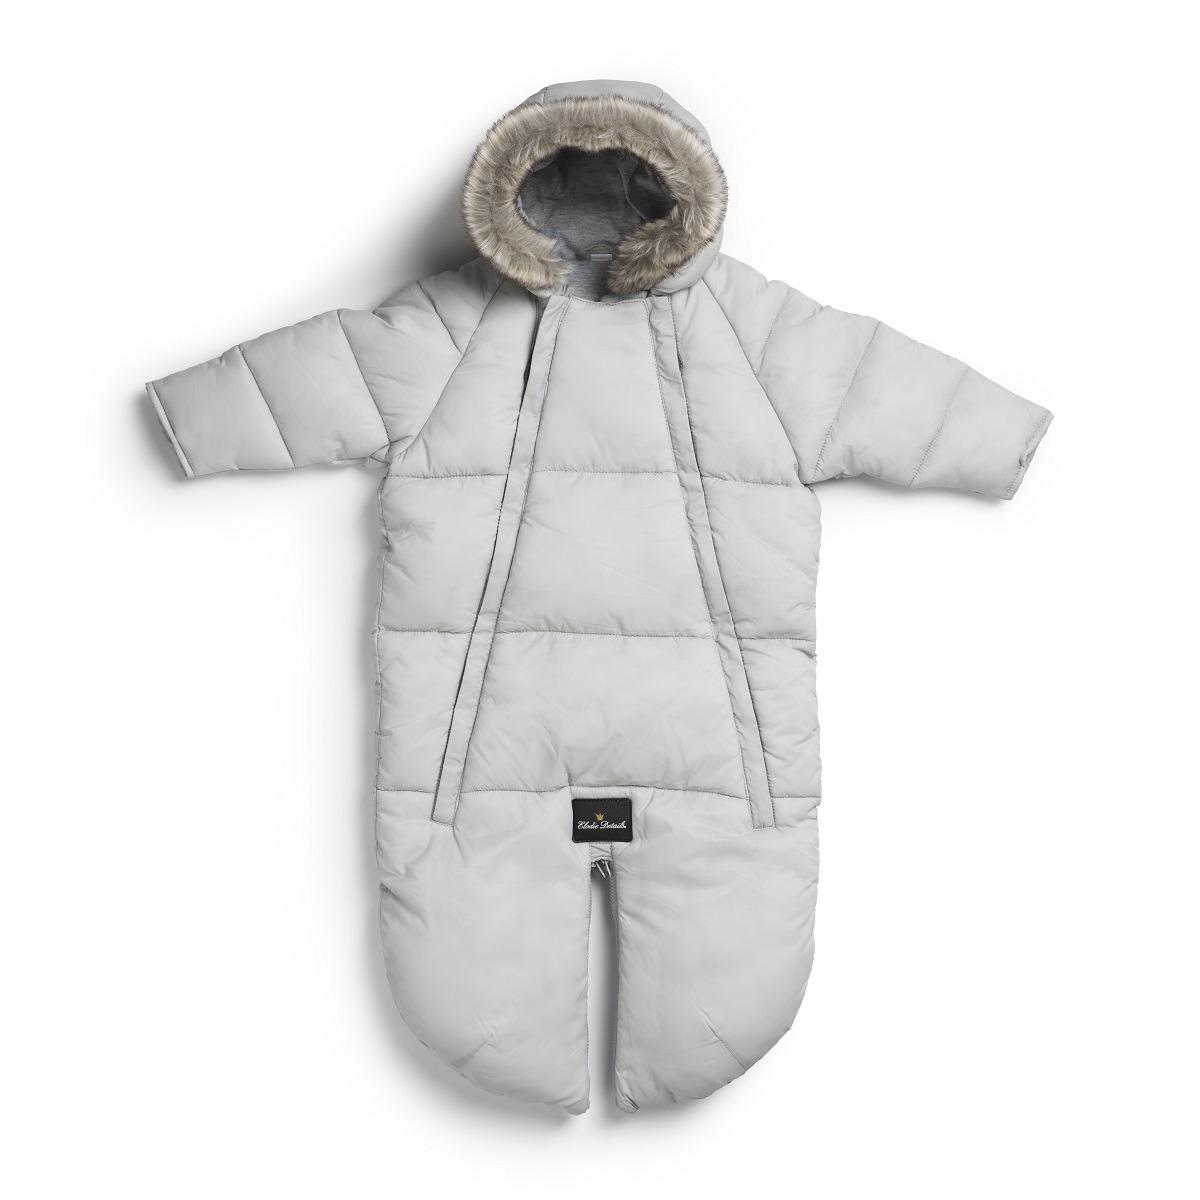 Elodie Details – Kombinezon dziecięcy - Marble Grey 0-6 m-cy